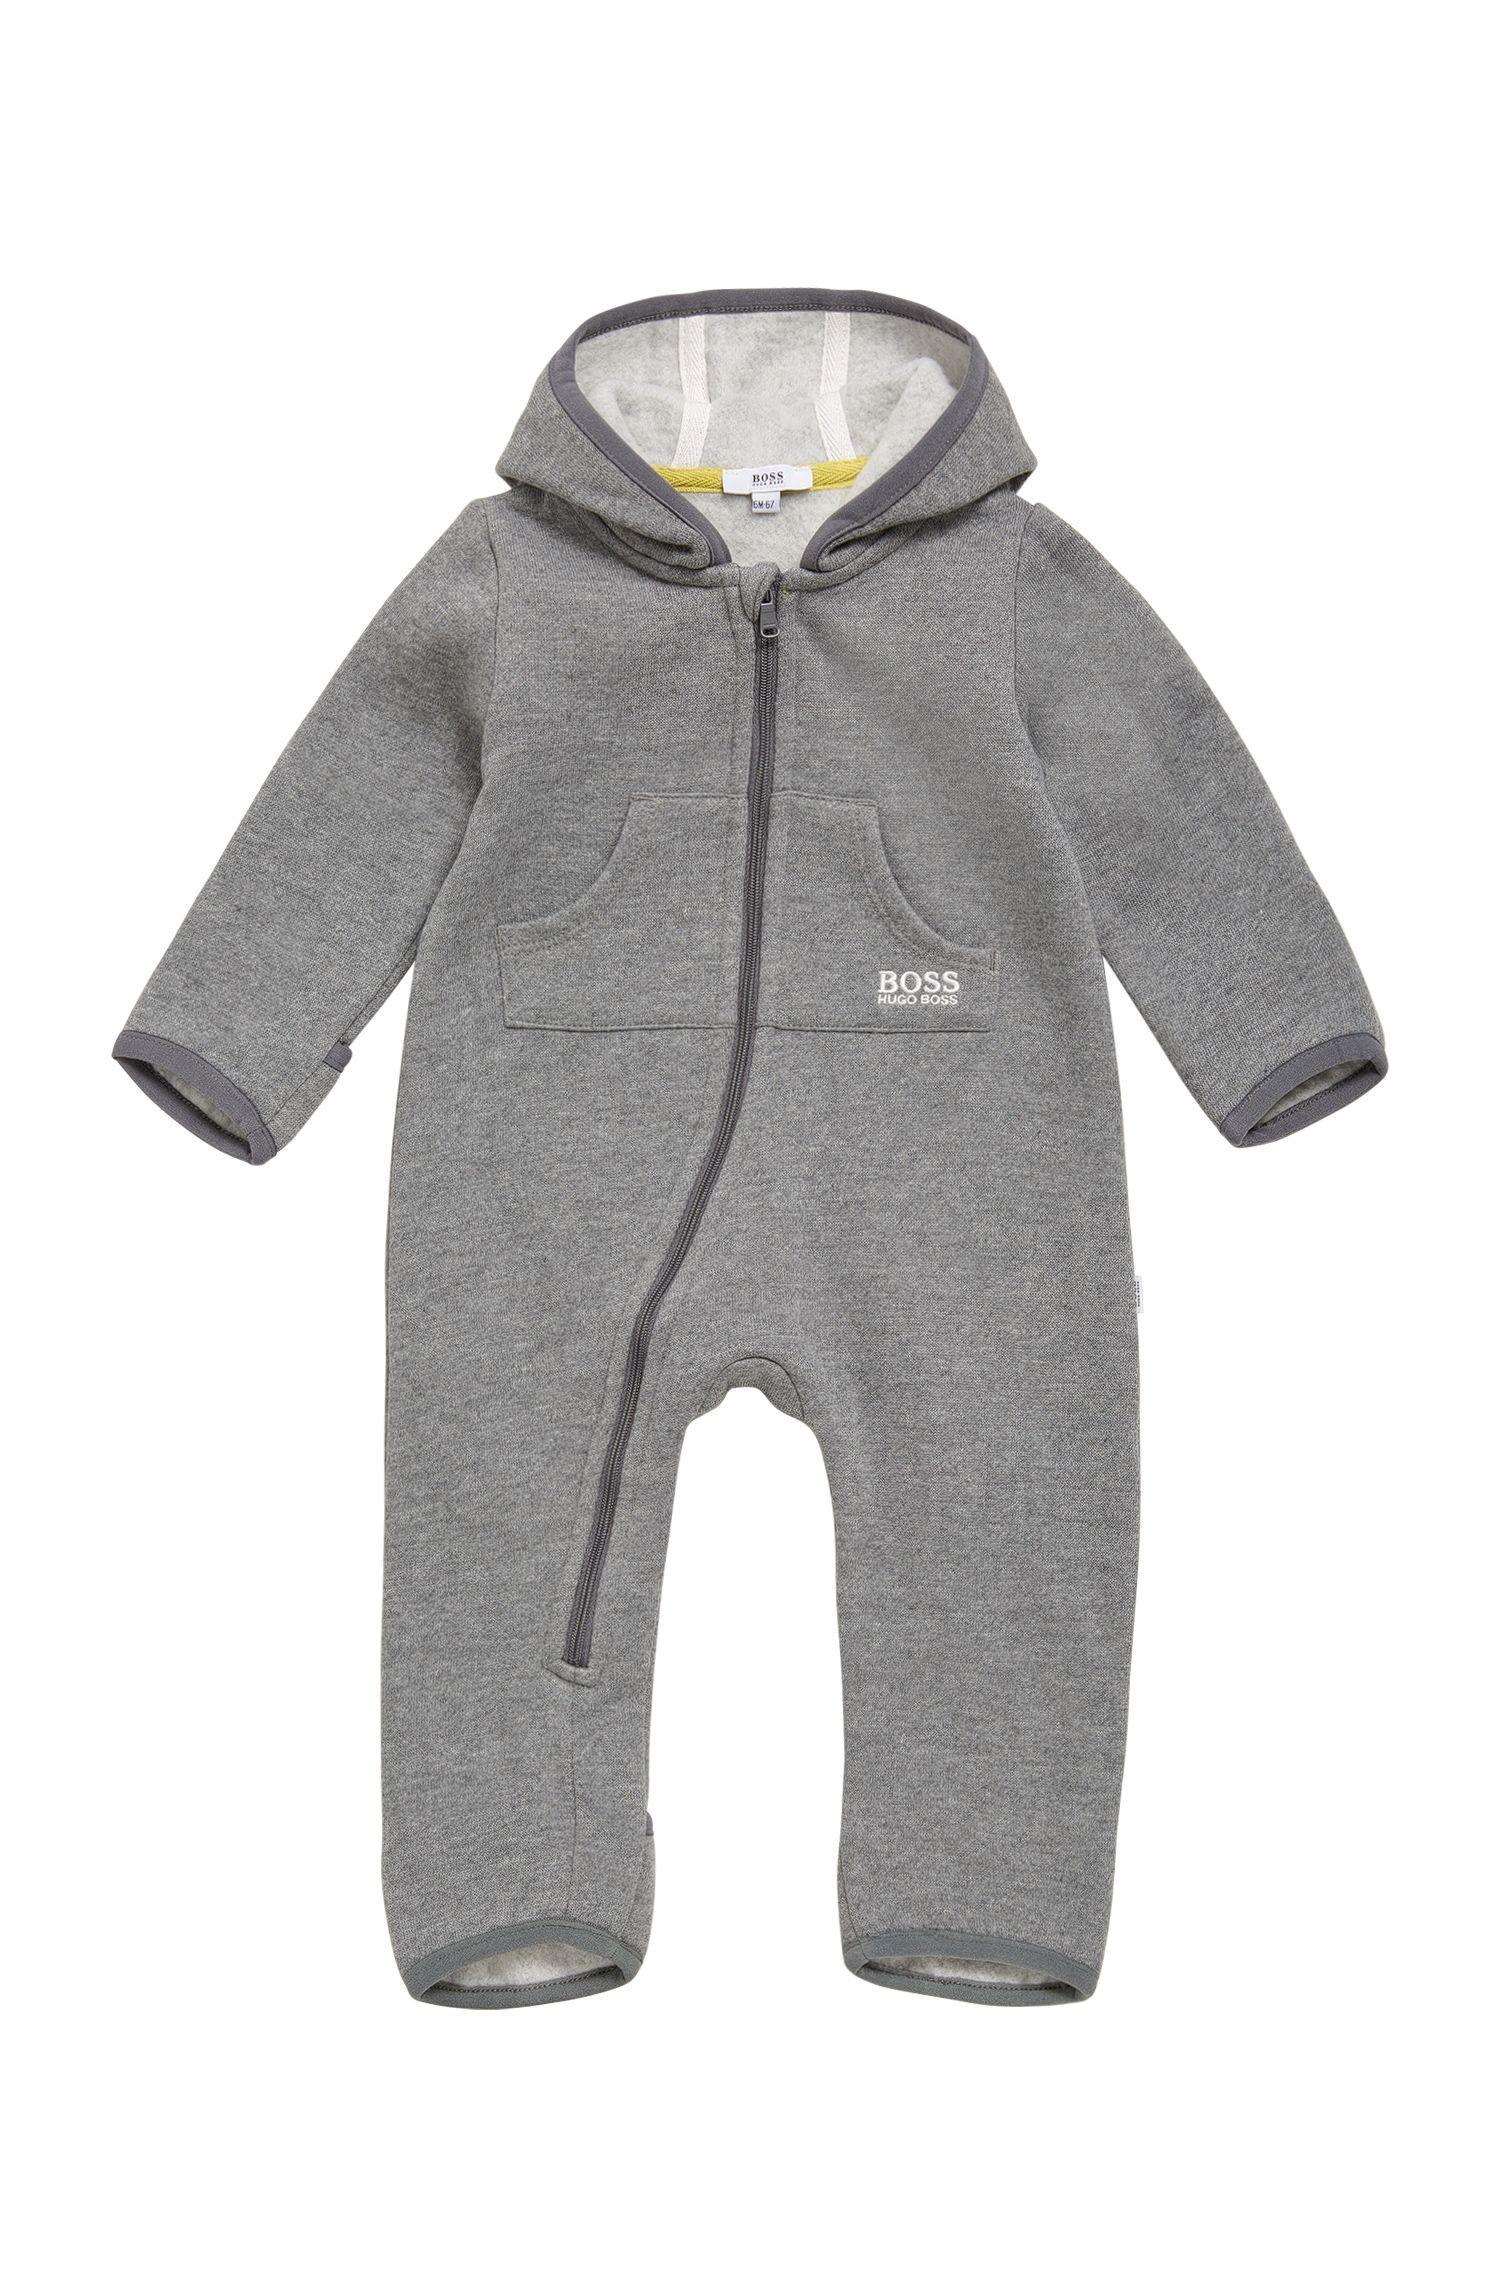 Combinaison pour bébé en coton mélangé, à capuche: «J96059»